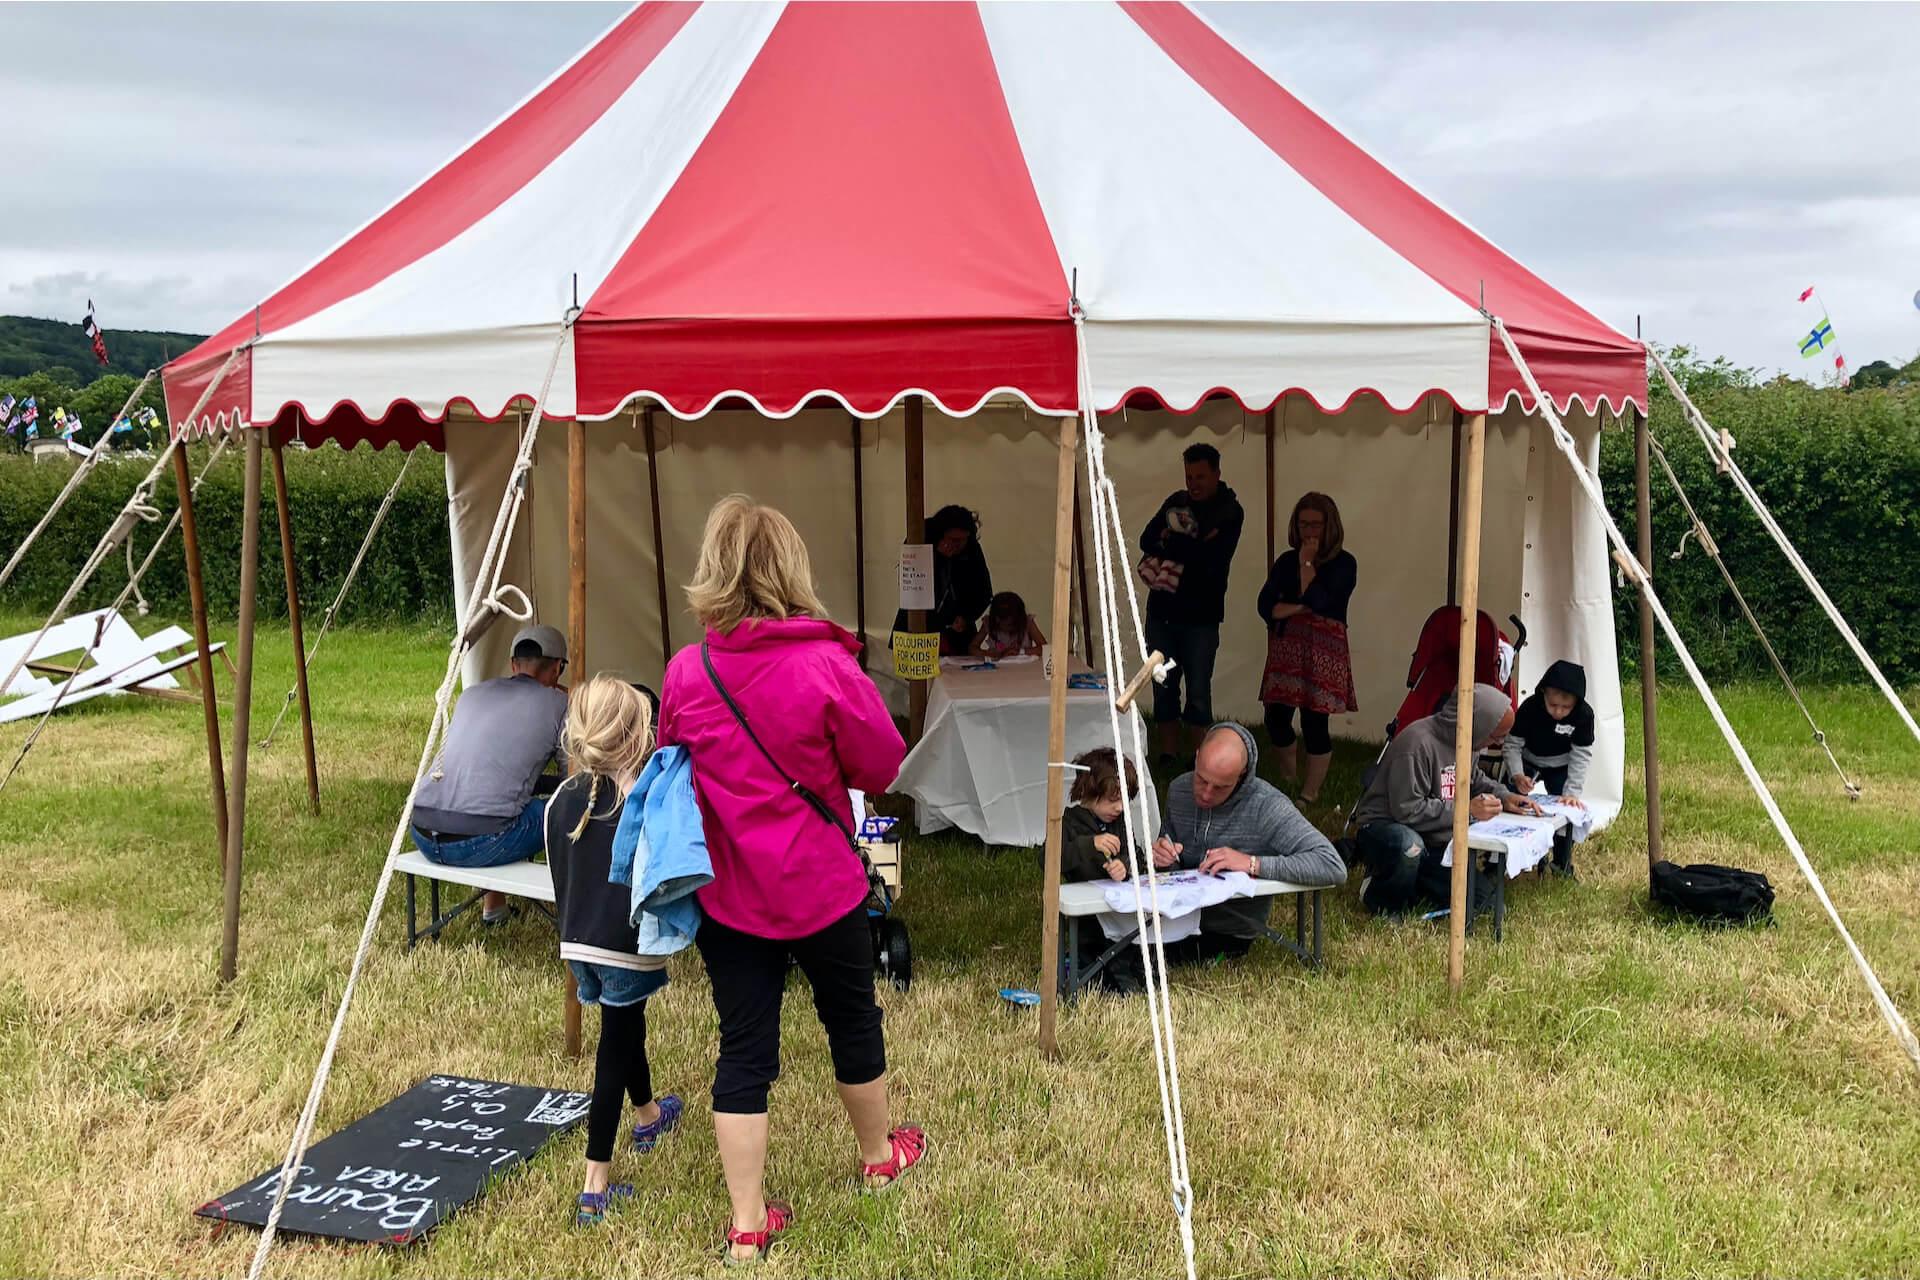 Children's craft tent at Bristol Volksfest